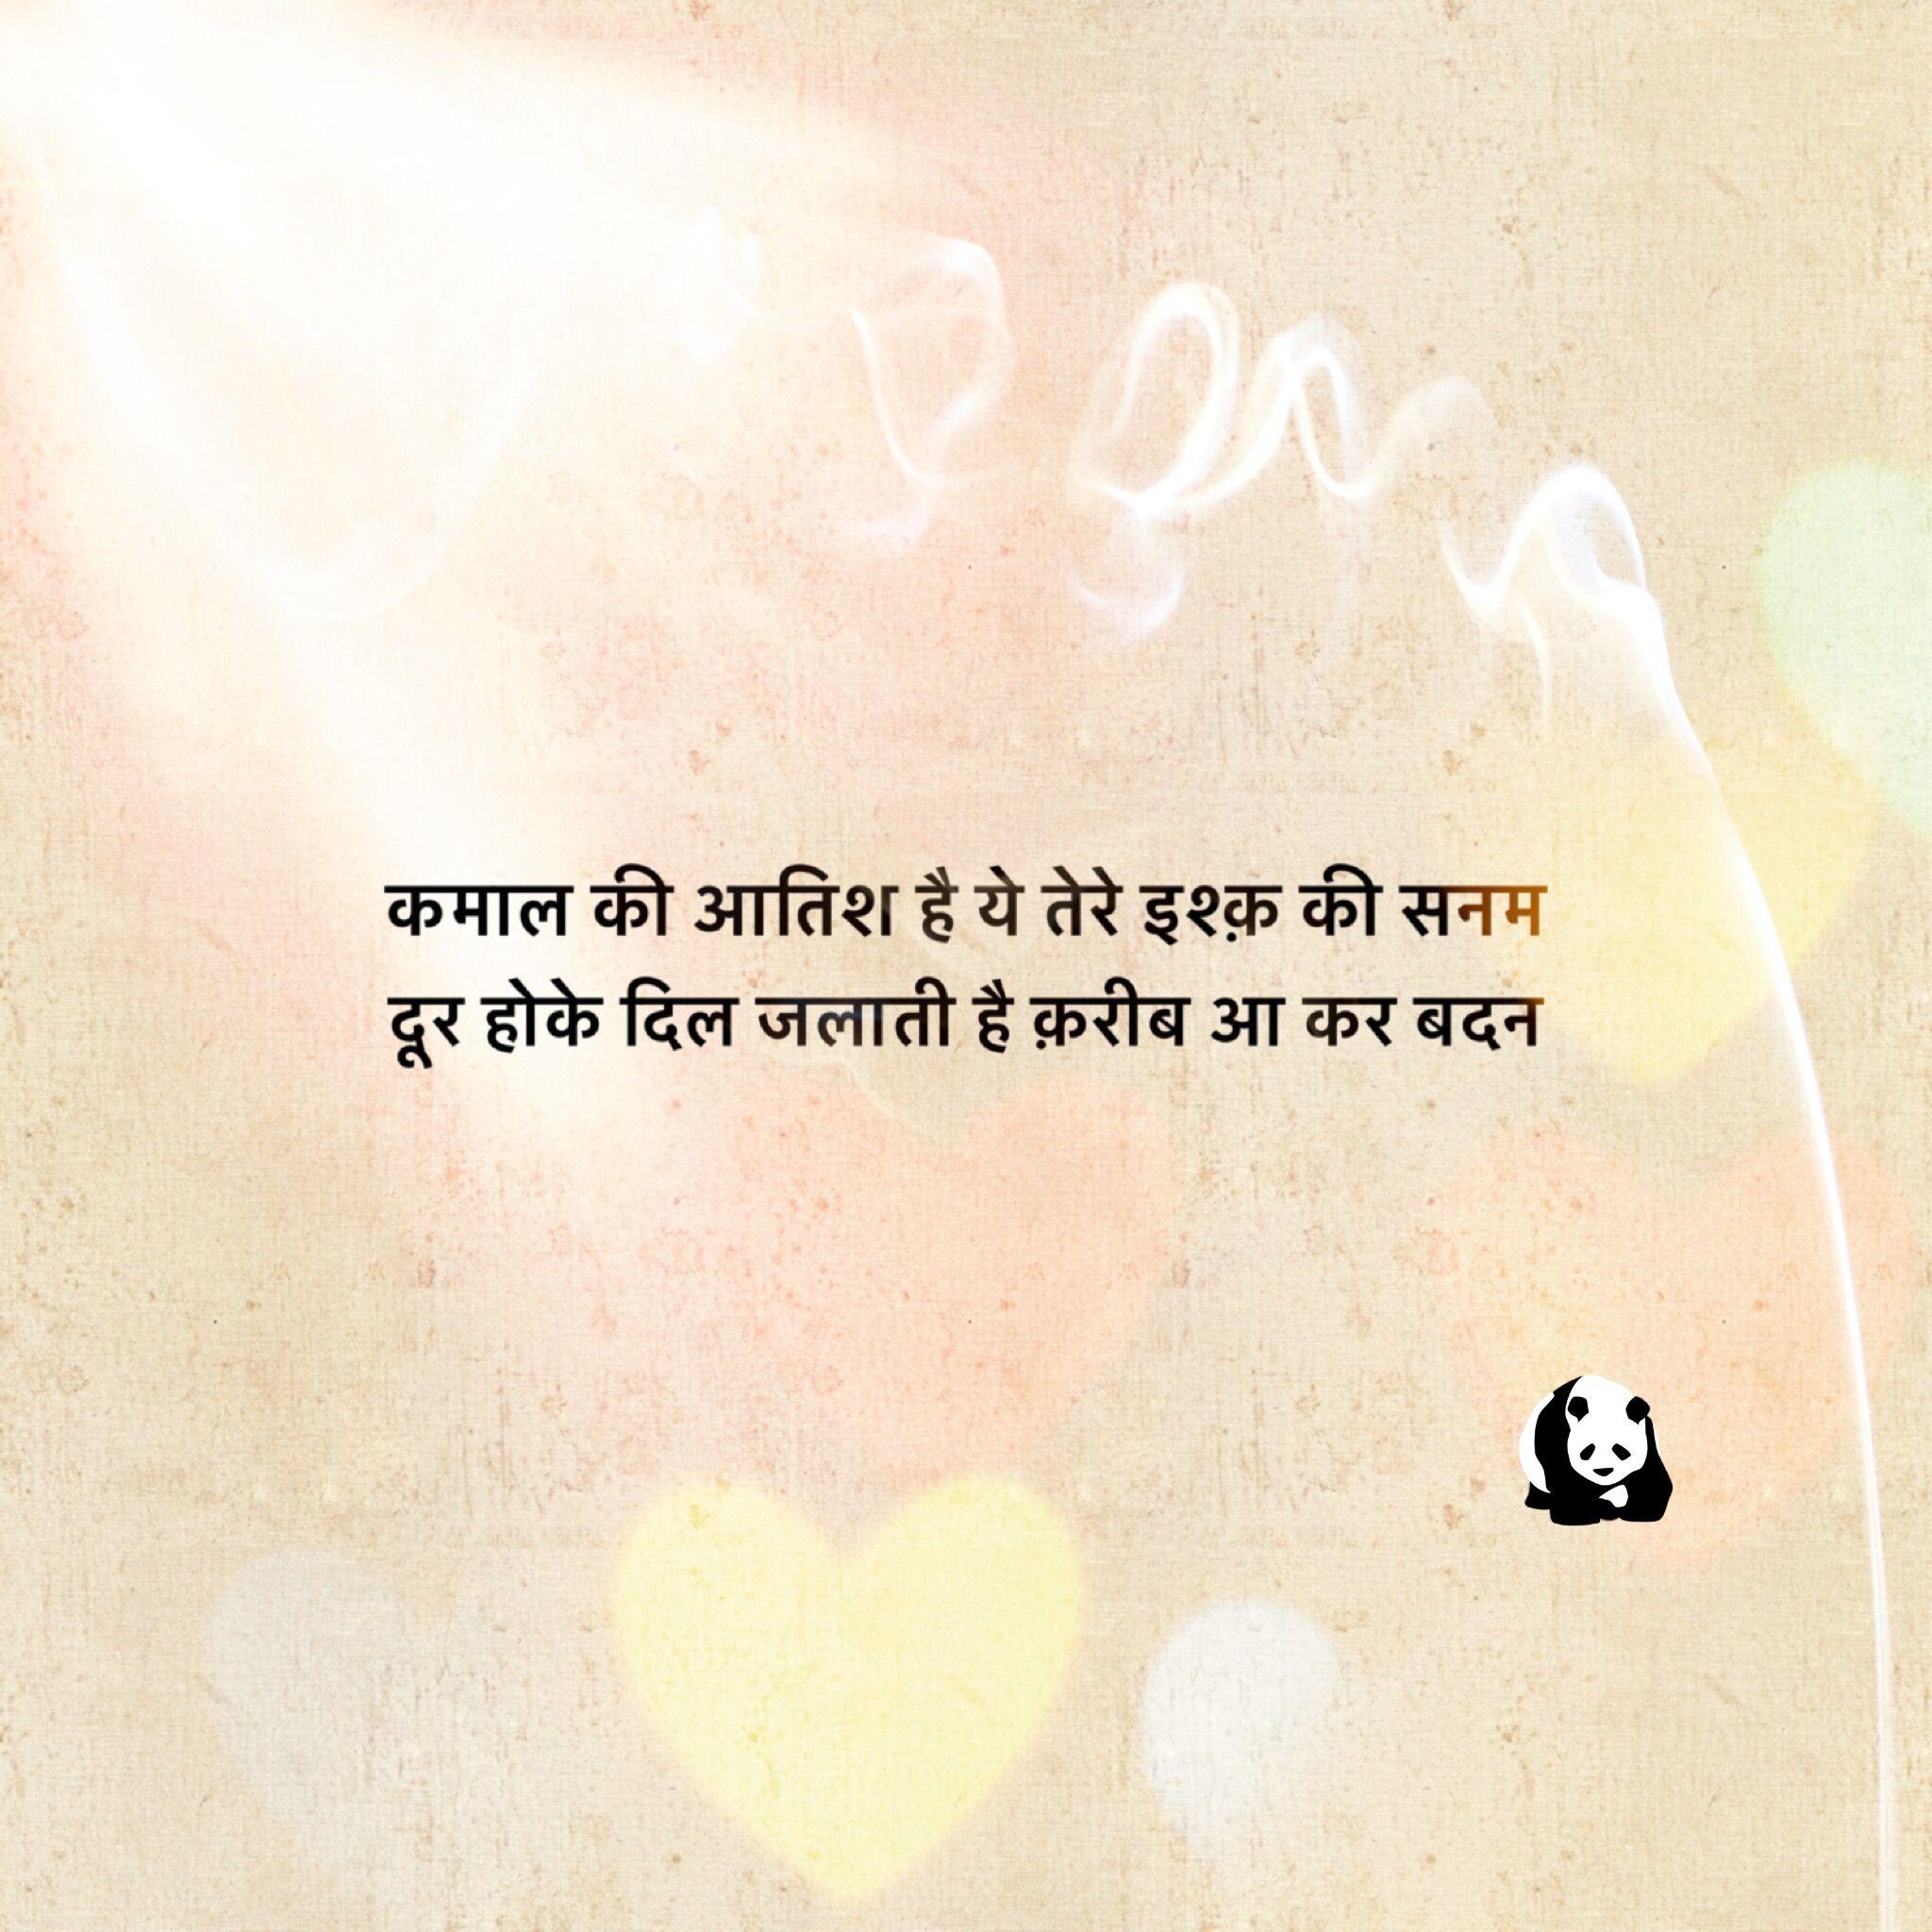 Infinity Quotes Pinraj On Guftguik Lamhe Ki Ik Pal Se  Pinterest